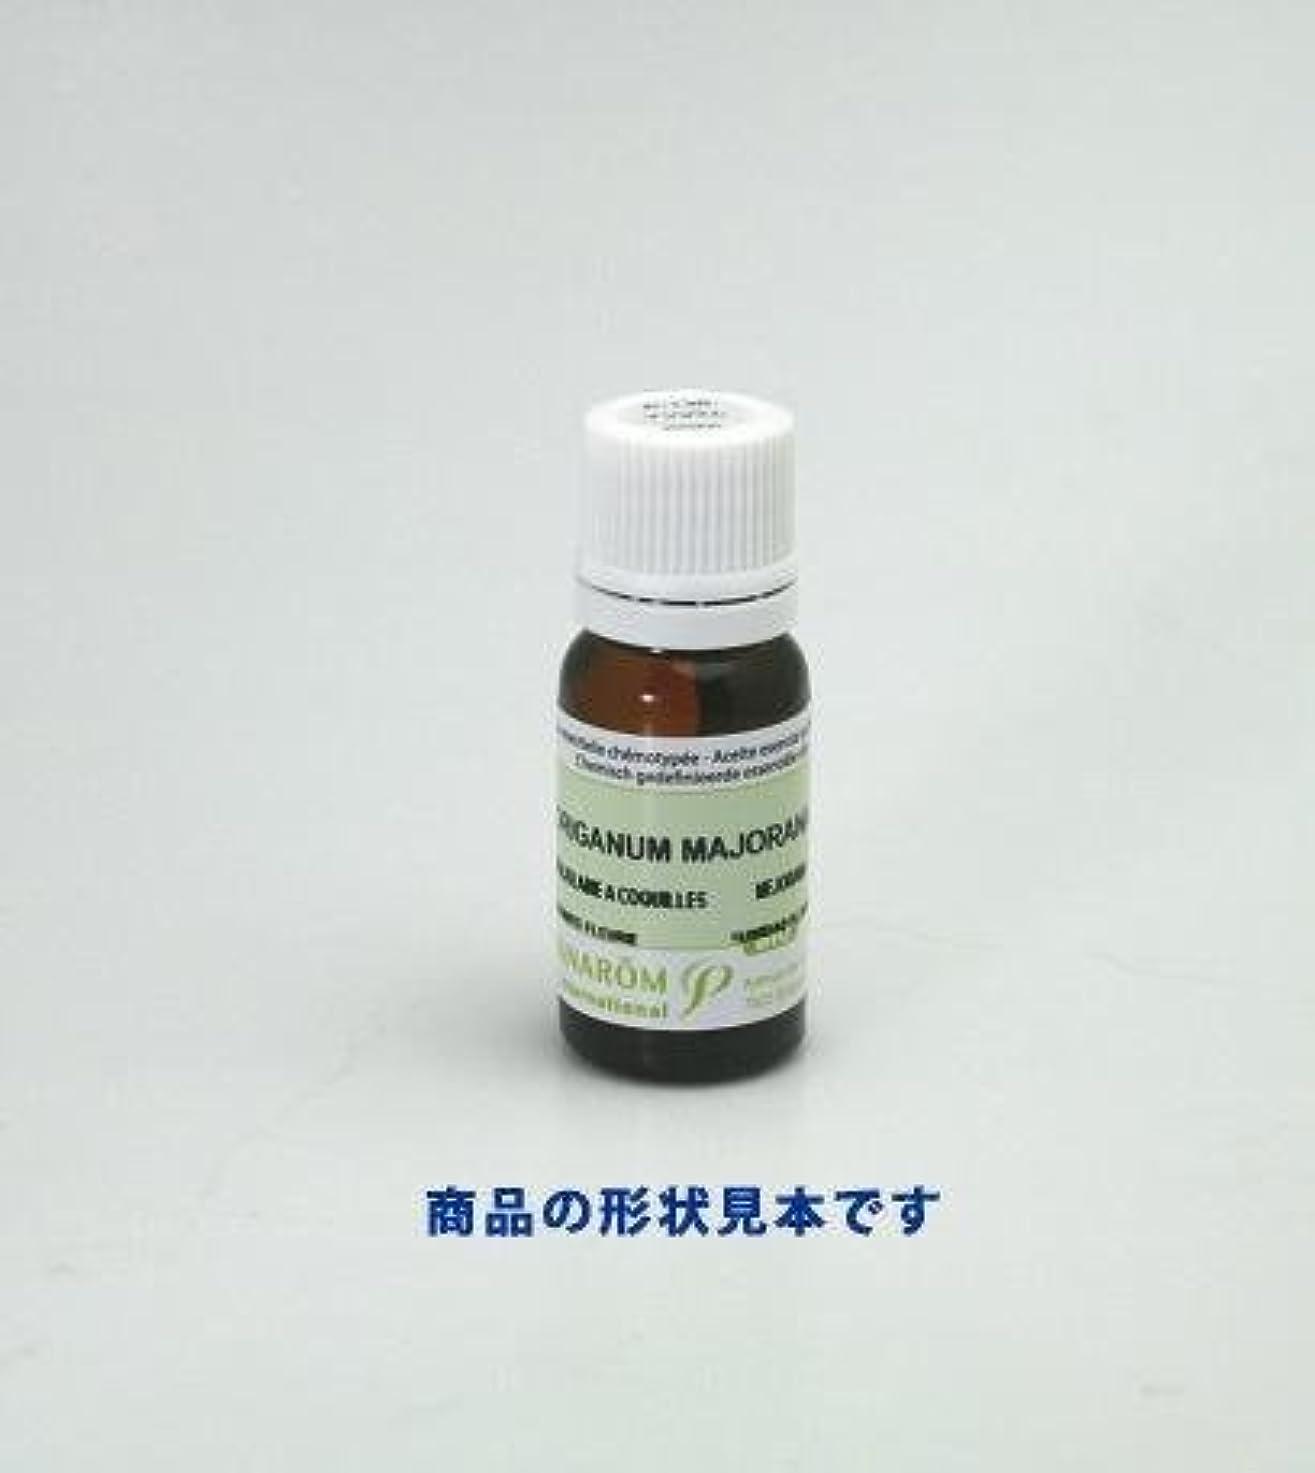 呼びかける資金運ぶプラナロム精油 レモンバーベナ(P-106)